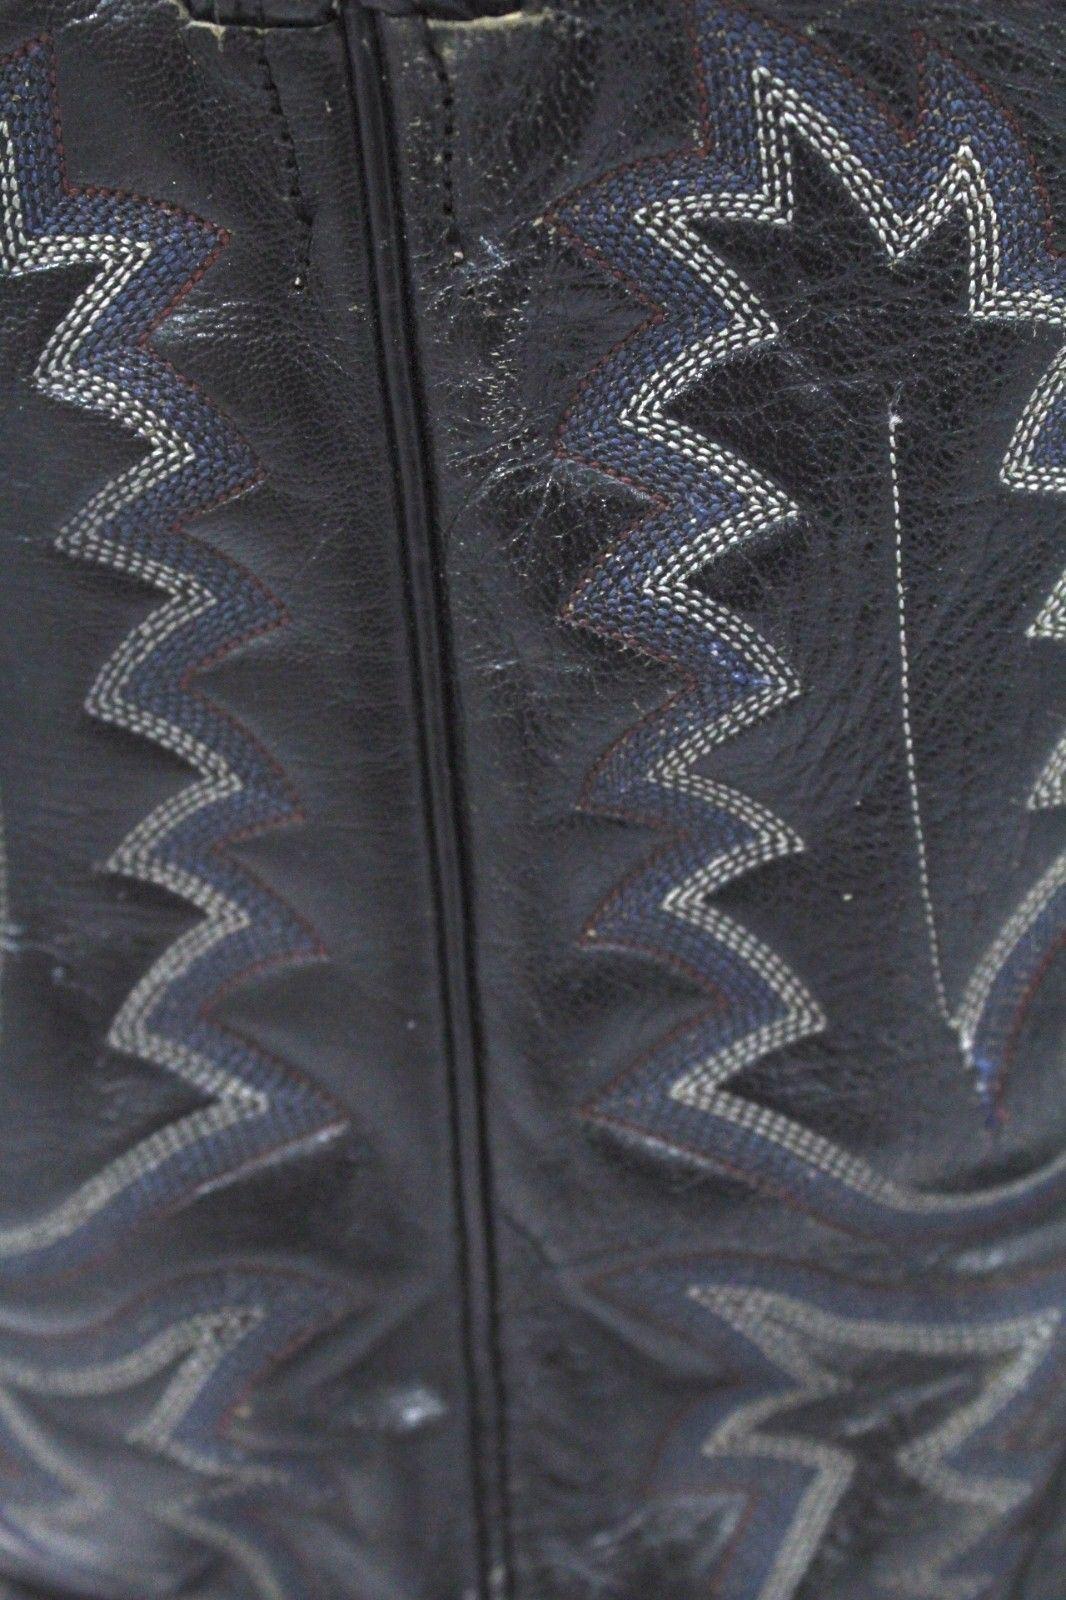 Herren Panhandle Slim Cowboy Strauß Größe Skin Leder Schwarz Stiefel Größe Strauß 8.5 D d7f4bd